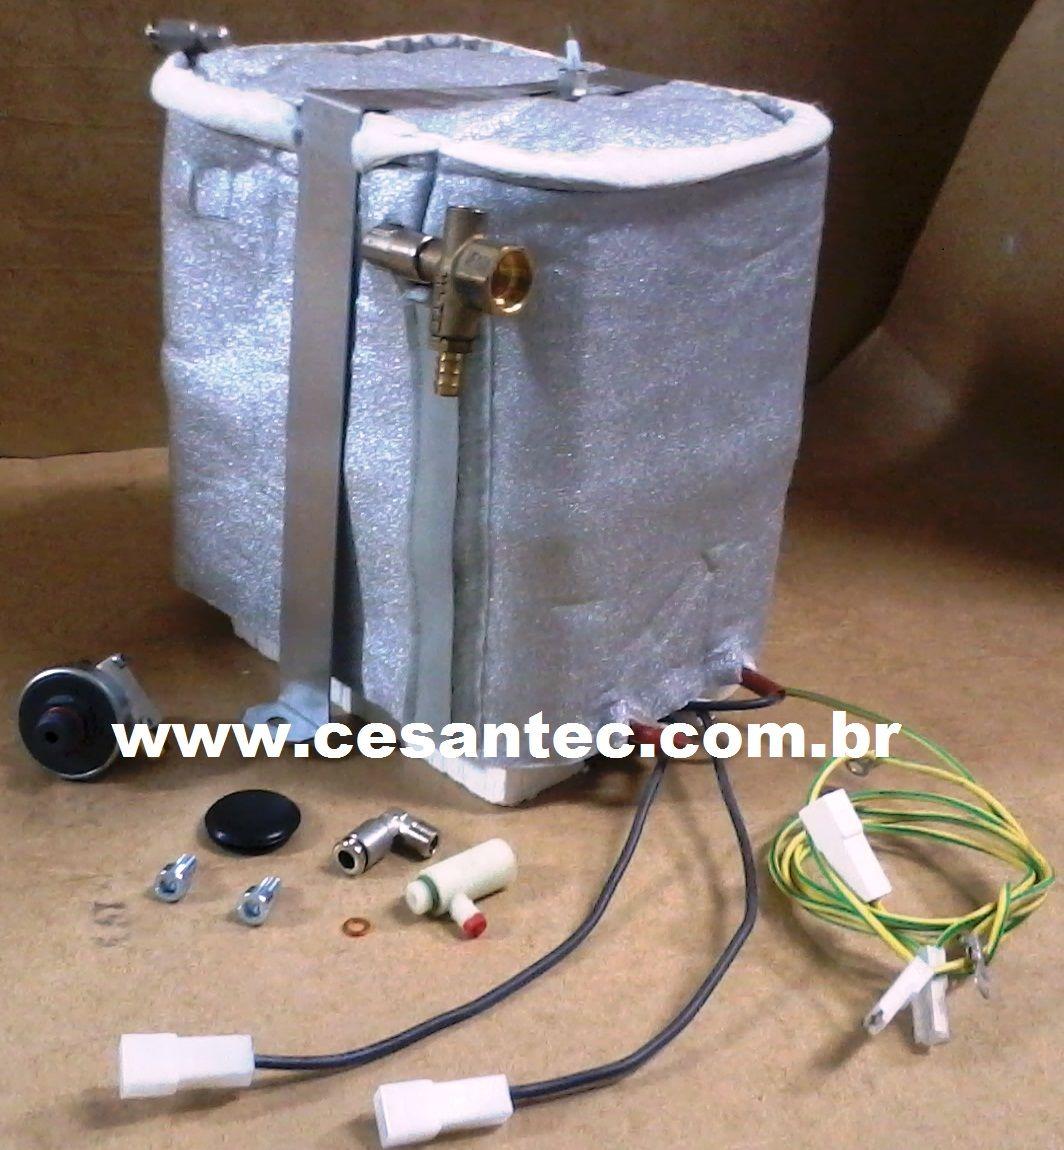 Kit Caldeira 3000 watts GV ETNA - Lavor Pro